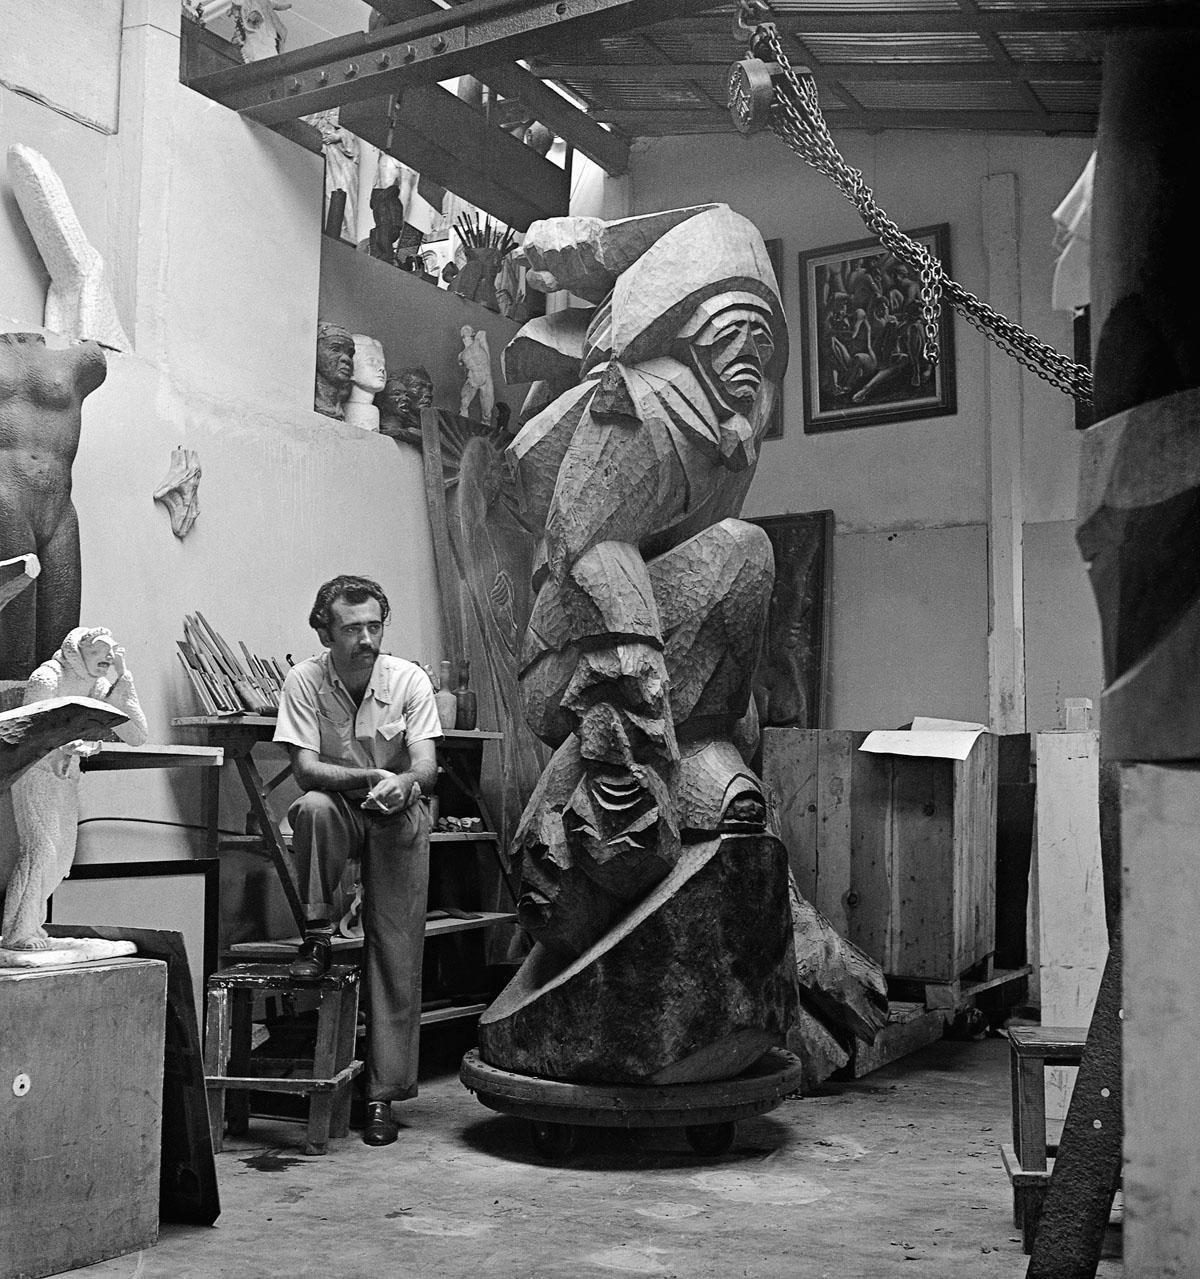 """Mario Cravo Júnior e sua obra """"O Cangaceiro"""", 1953. Salvador, Bahia - Brasil. Foto de Alice Brill/ Acervo IMS"""